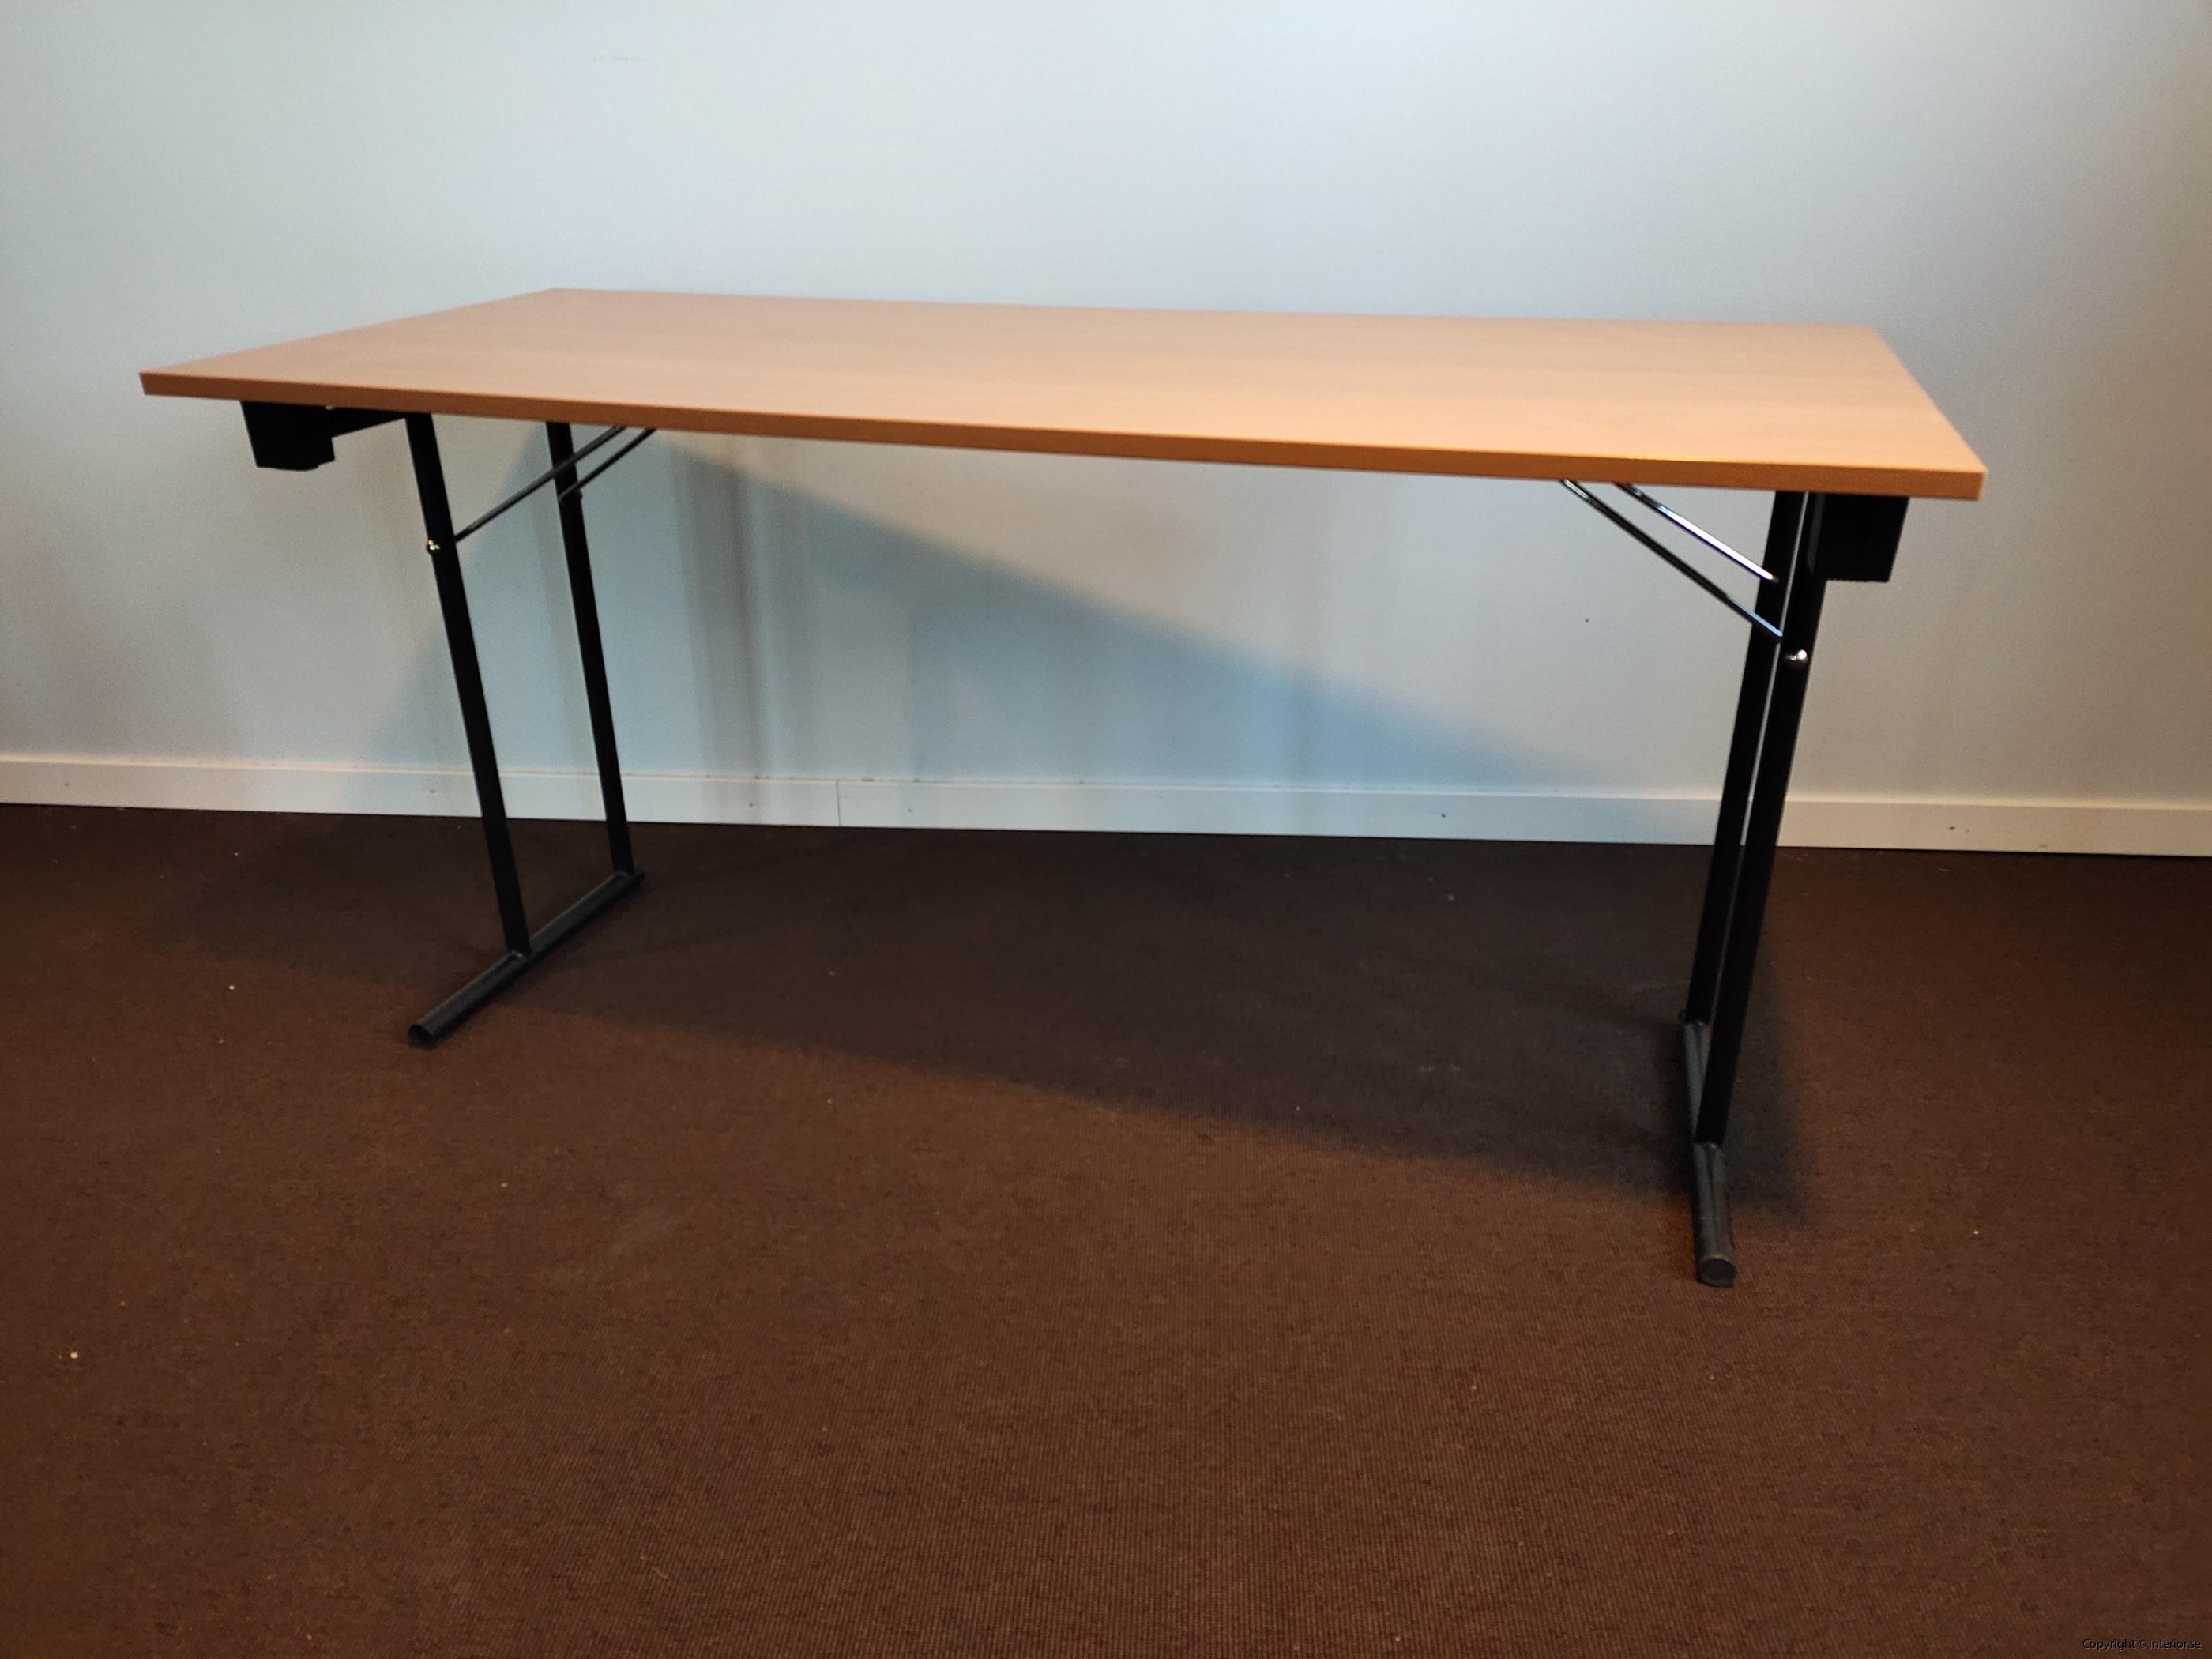 Fällbara bord  hopfällbara bord i bok - 140 x 60 cm